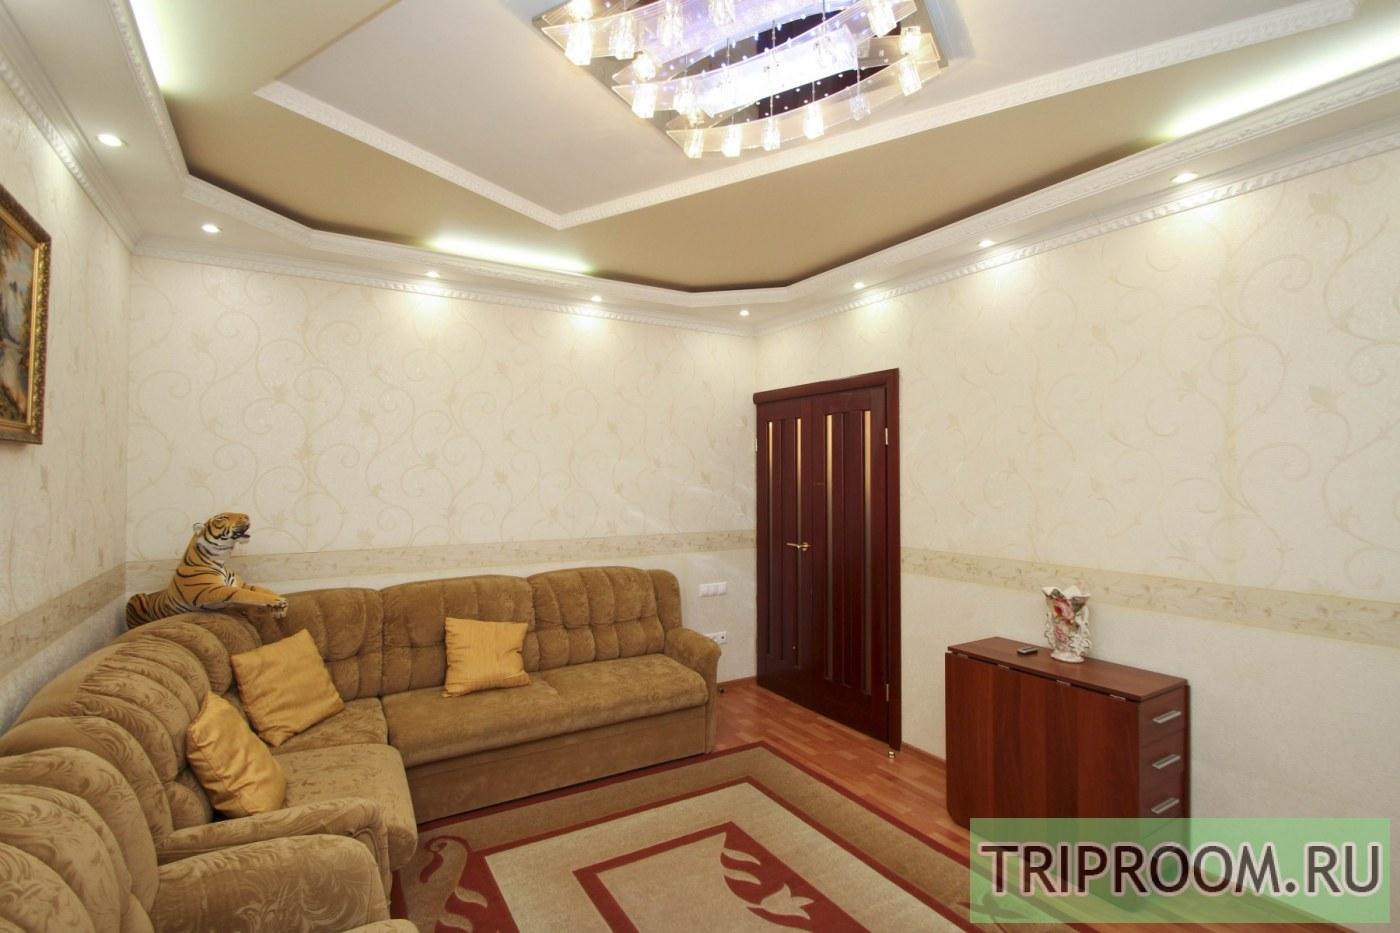 2-комнатная квартира посуточно (вариант № 37514), ул. Дзержинского улица, фото № 4